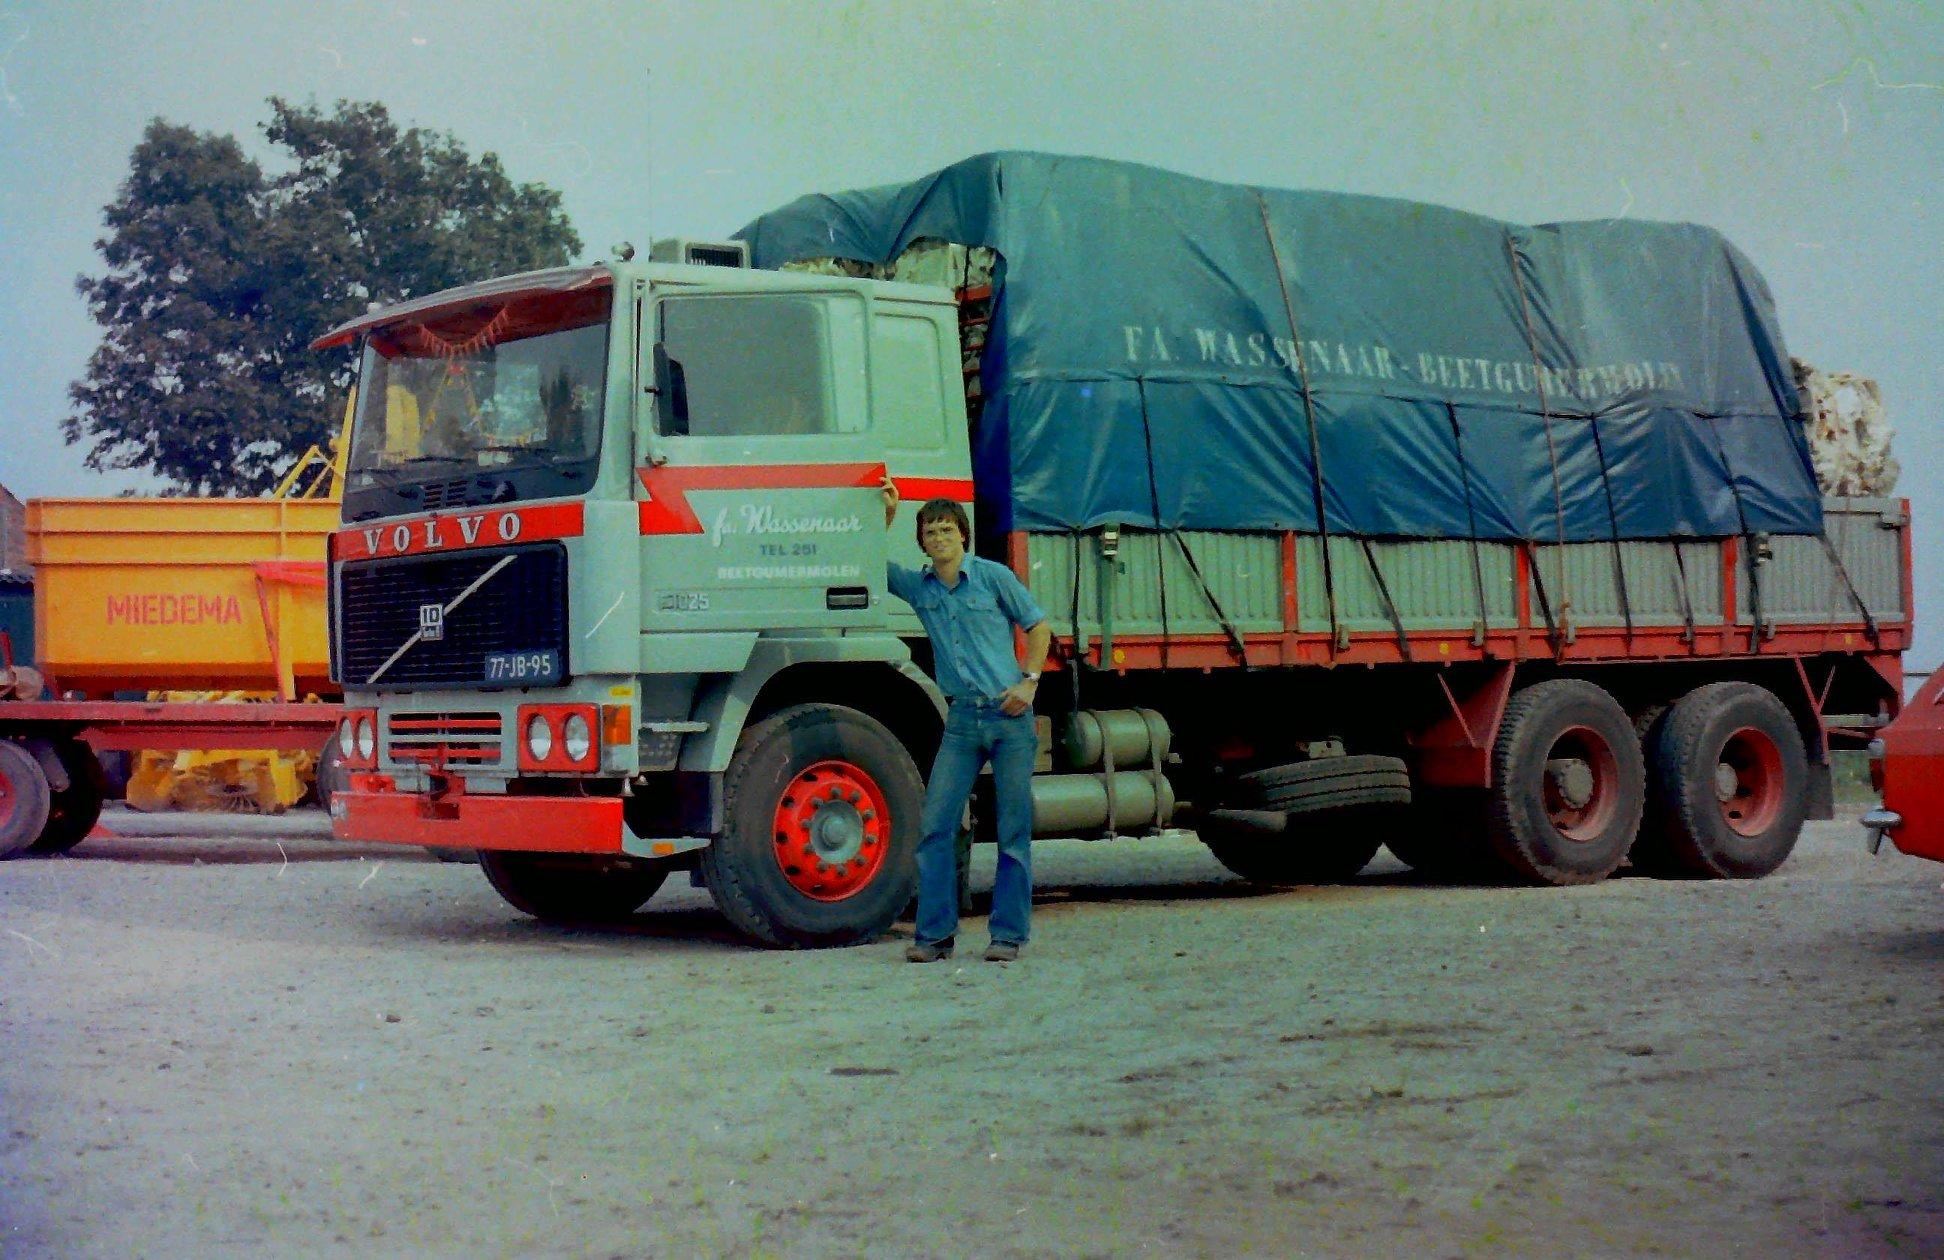 2-vrachtautos-van-Wassenaar-in-Beetgumermolen-gemaakt-voor-de-oude-loods-in-Beetgumermolen--fotos-door-mij-gemaakt-Lolle-4